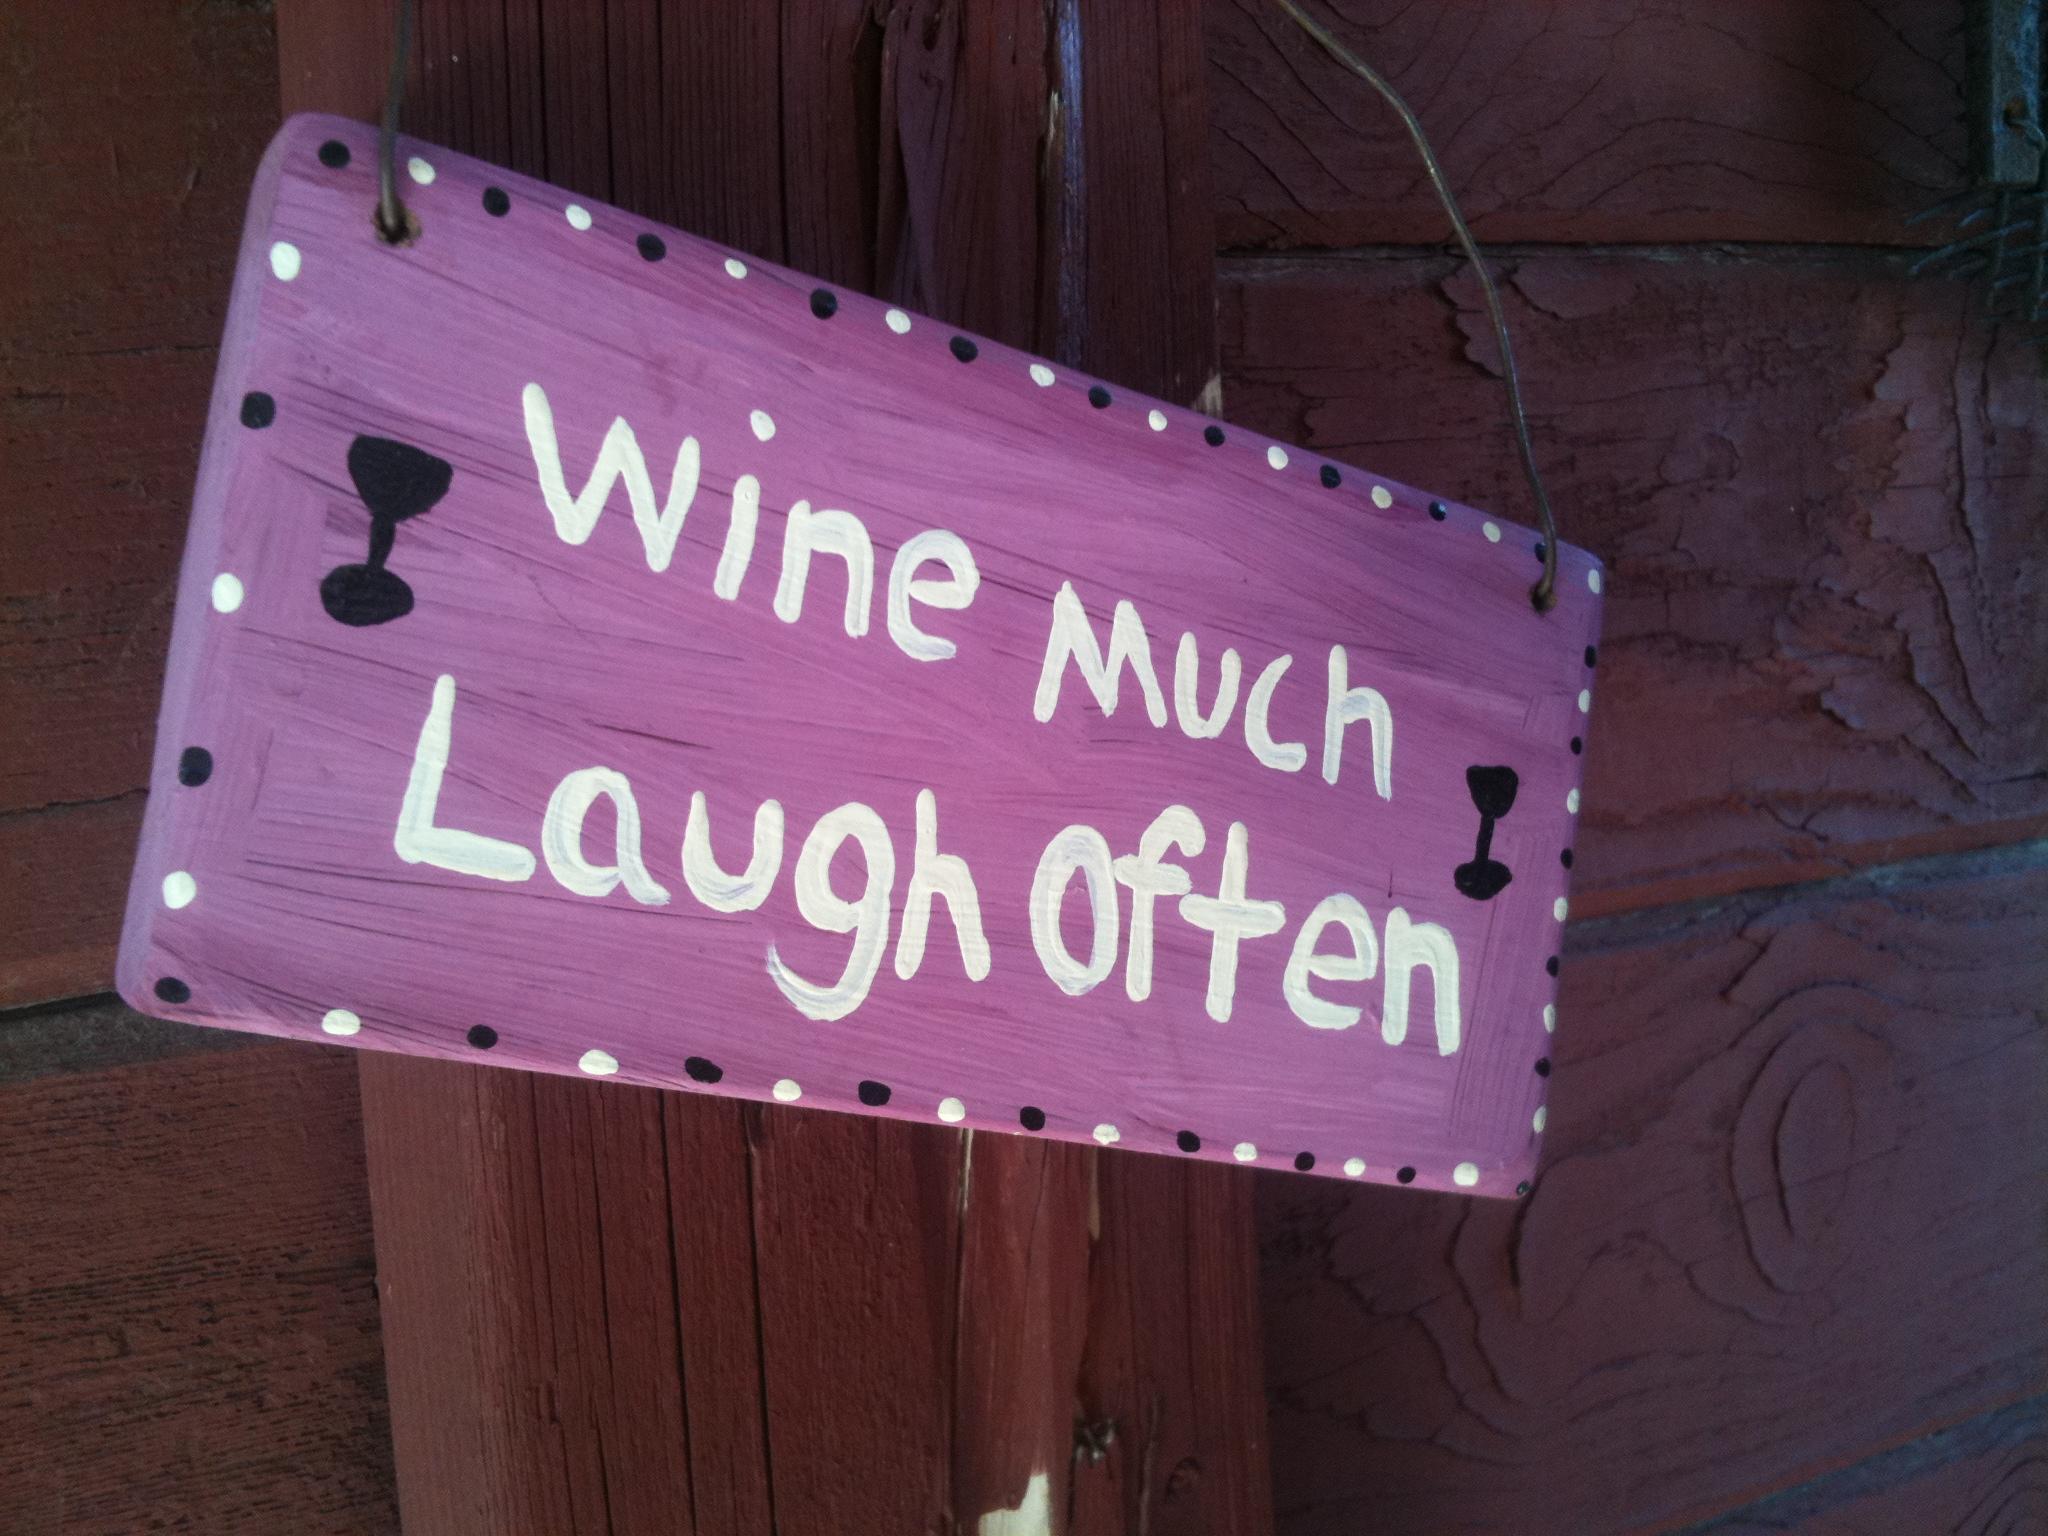 wine-much